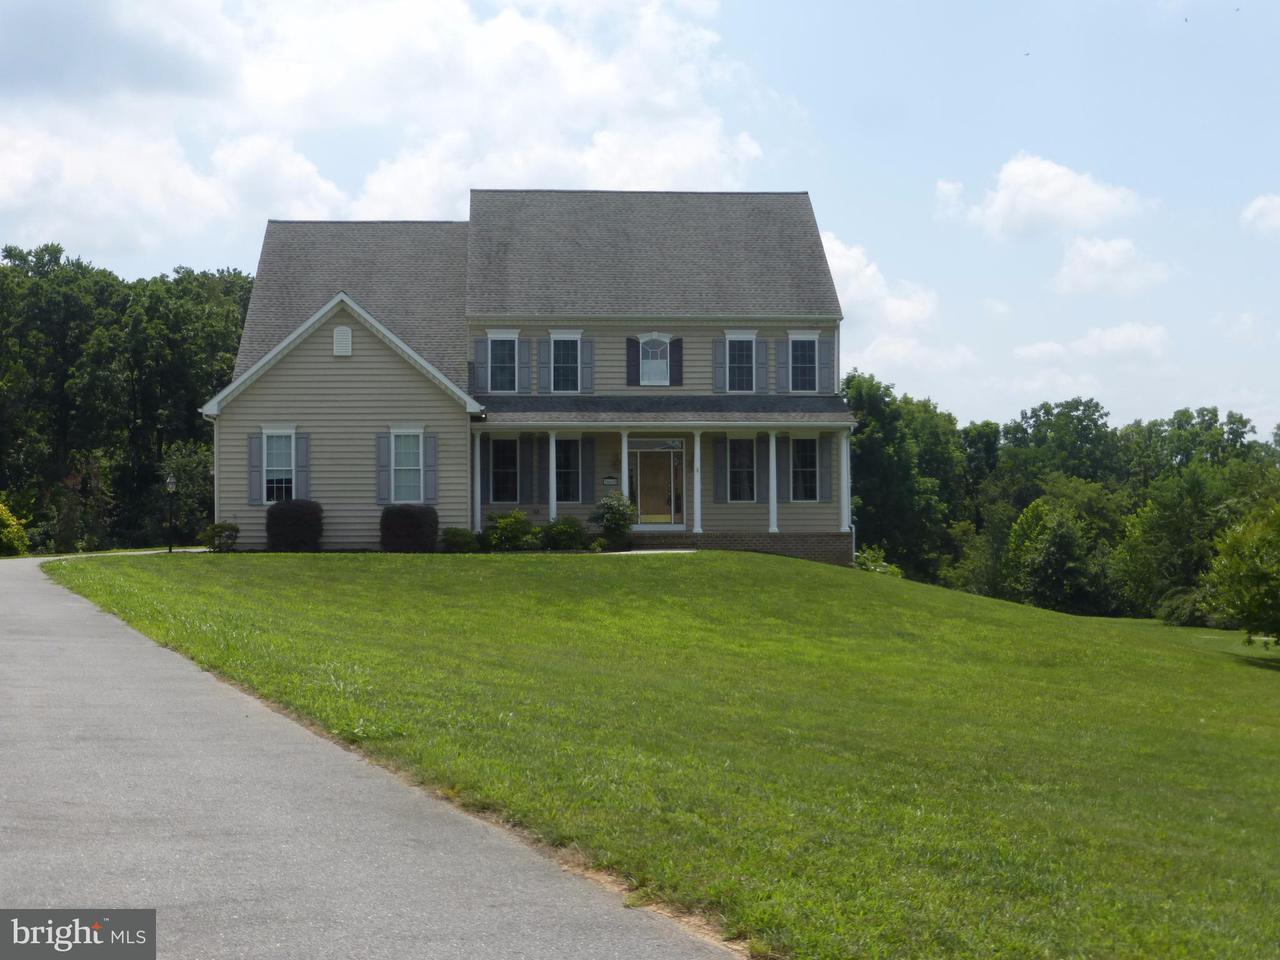 一戸建て のために 売買 アット 20620 BUCKSKIN Court 20620 BUCKSKIN Court Boonsboro, メリーランド 21713 アメリカ合衆国